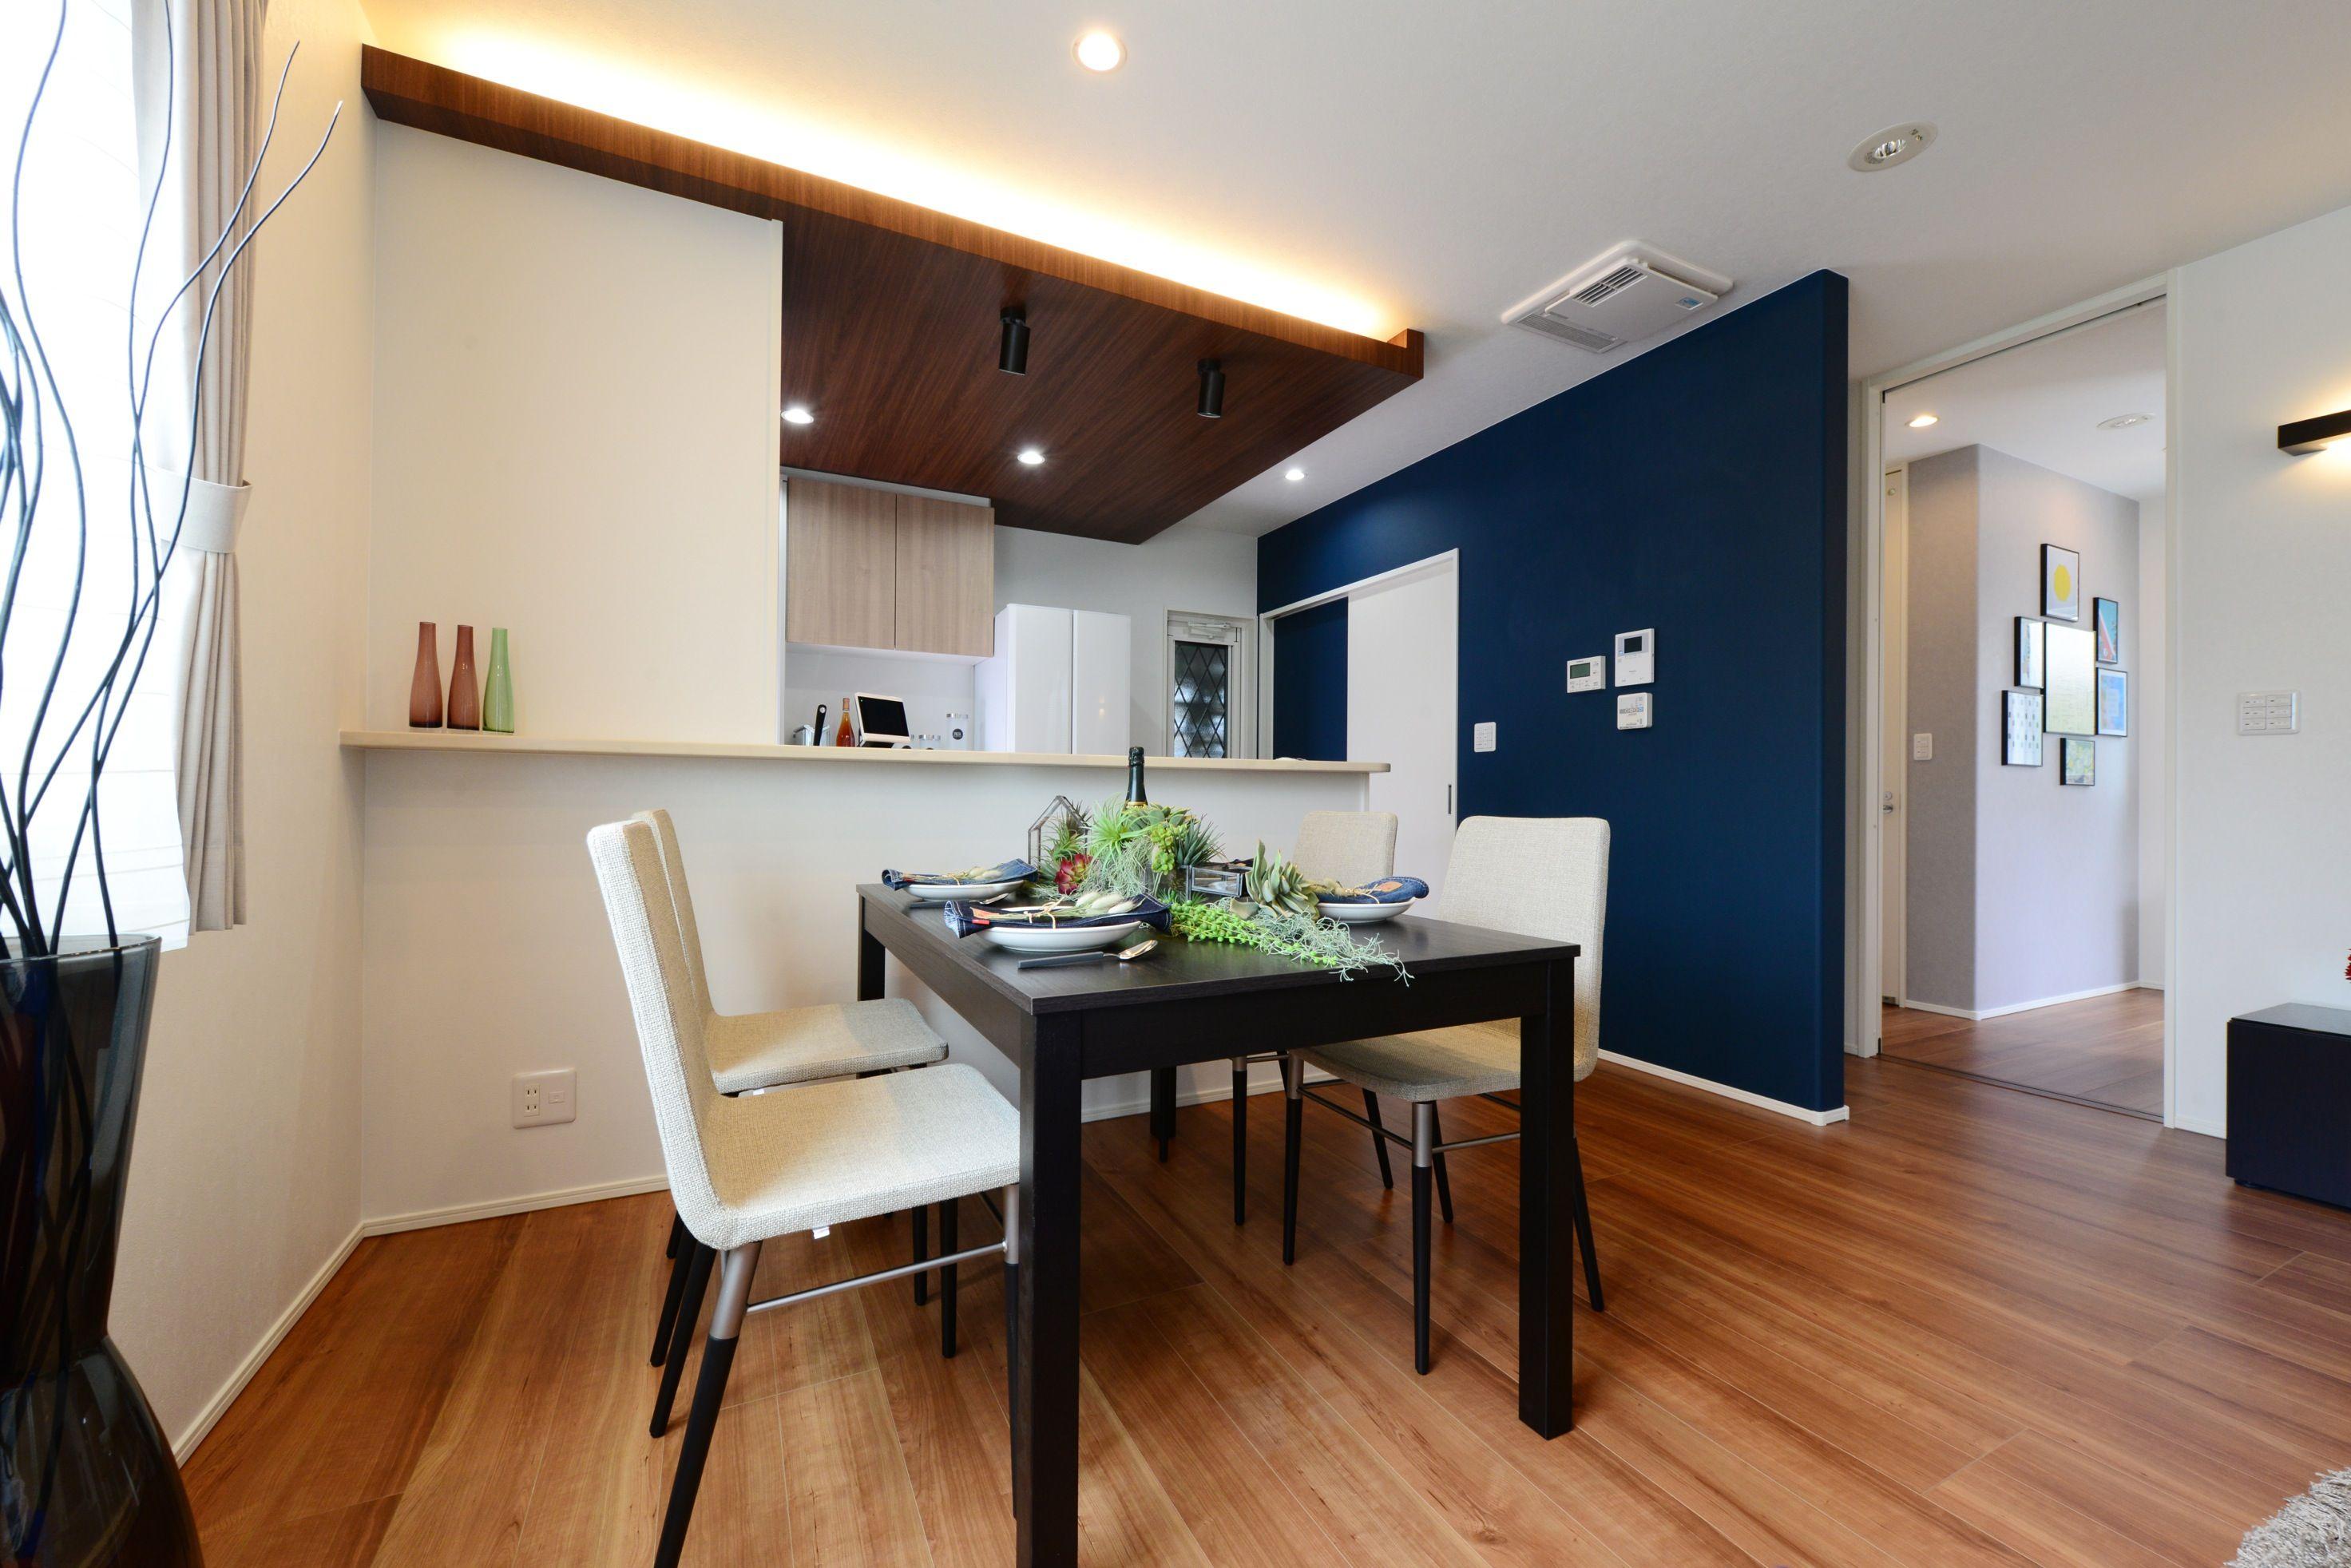 下がり天井から照らす間接照明で空間の雰囲気も オシャレな家具を合わせ